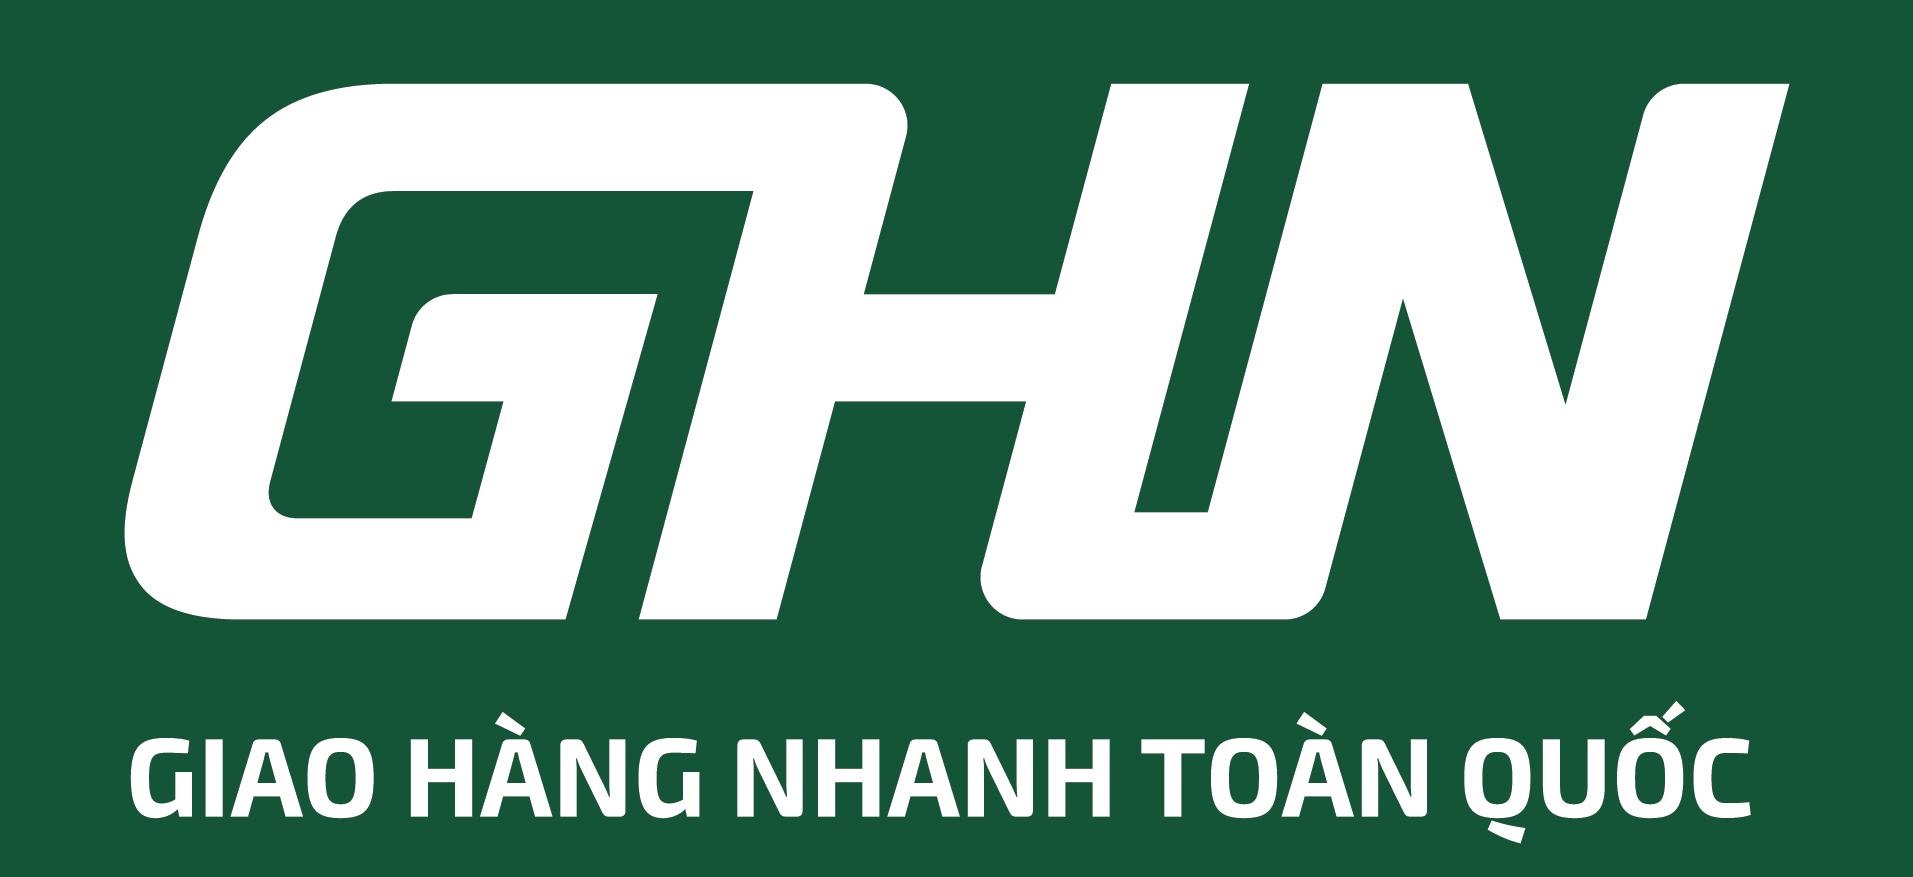 Logo Công ty cổ phần dịch vụ Giao Hàng Nhanh (Scommerce)